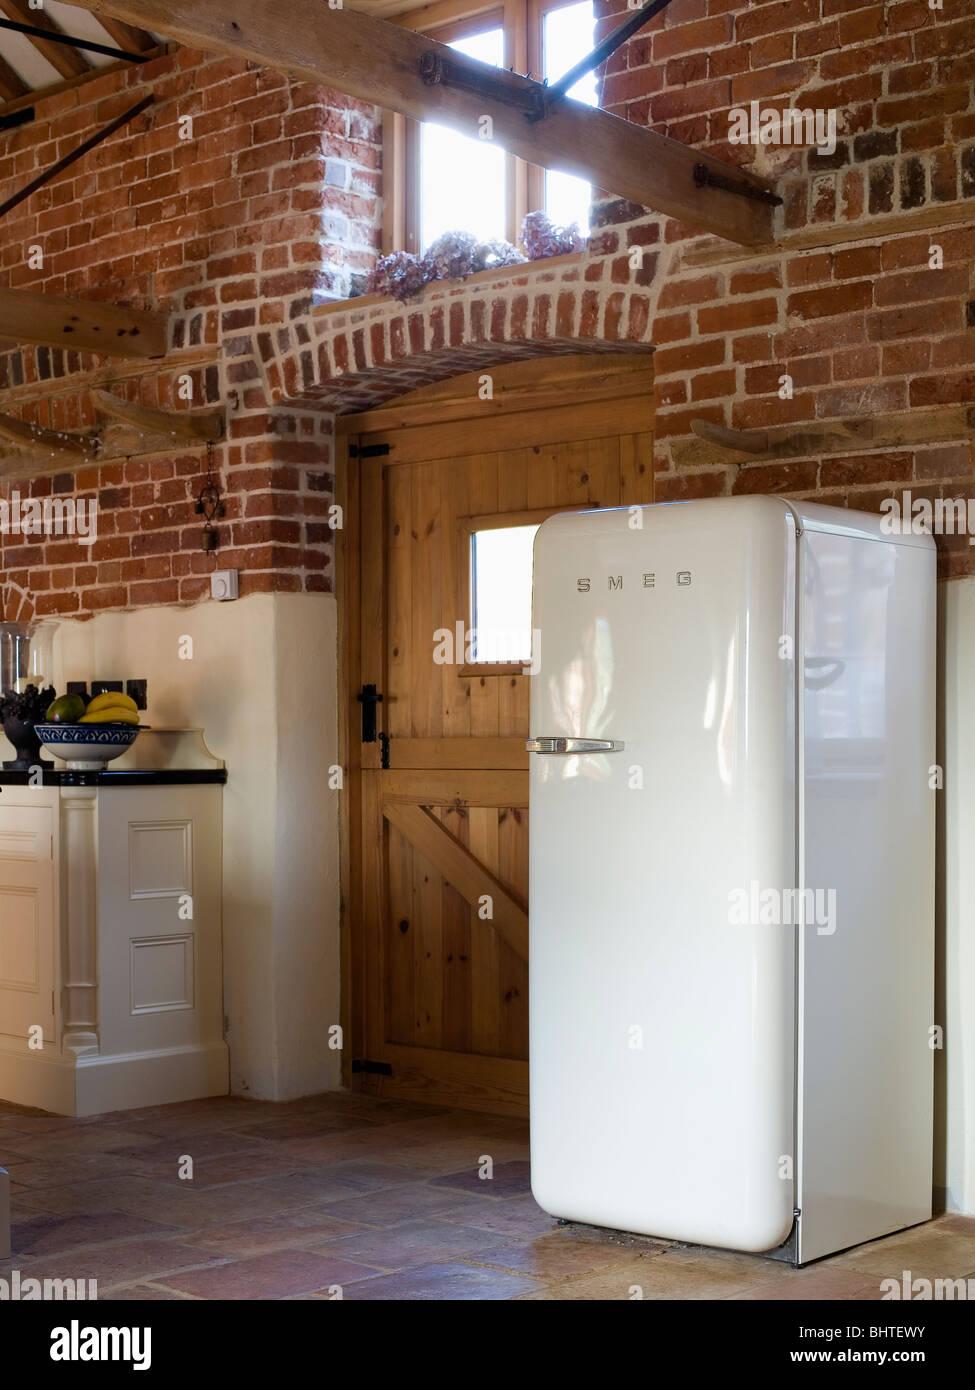 Große weiße Smeg Kühlschrank im Stall Umbau Küche mit unverputzten ...